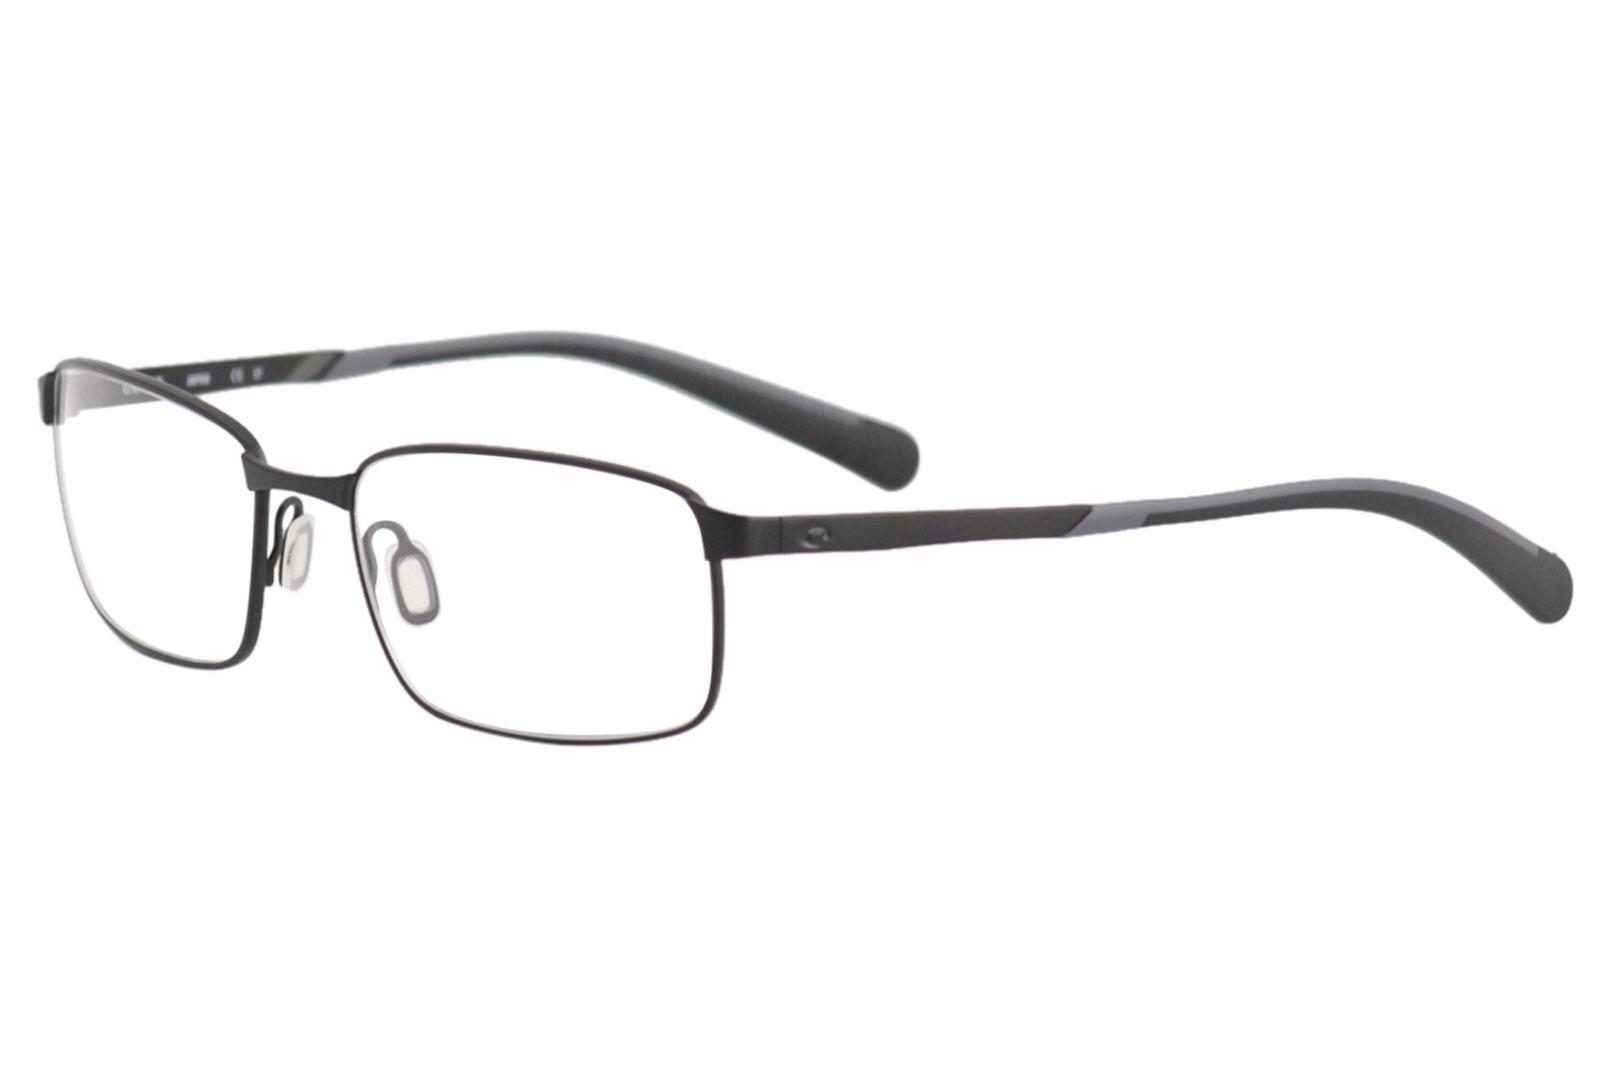 a3f32c40e1 Costa Del Mar Eyeglasses Bimini BRD211 BRD 211 101 Black Optical ...